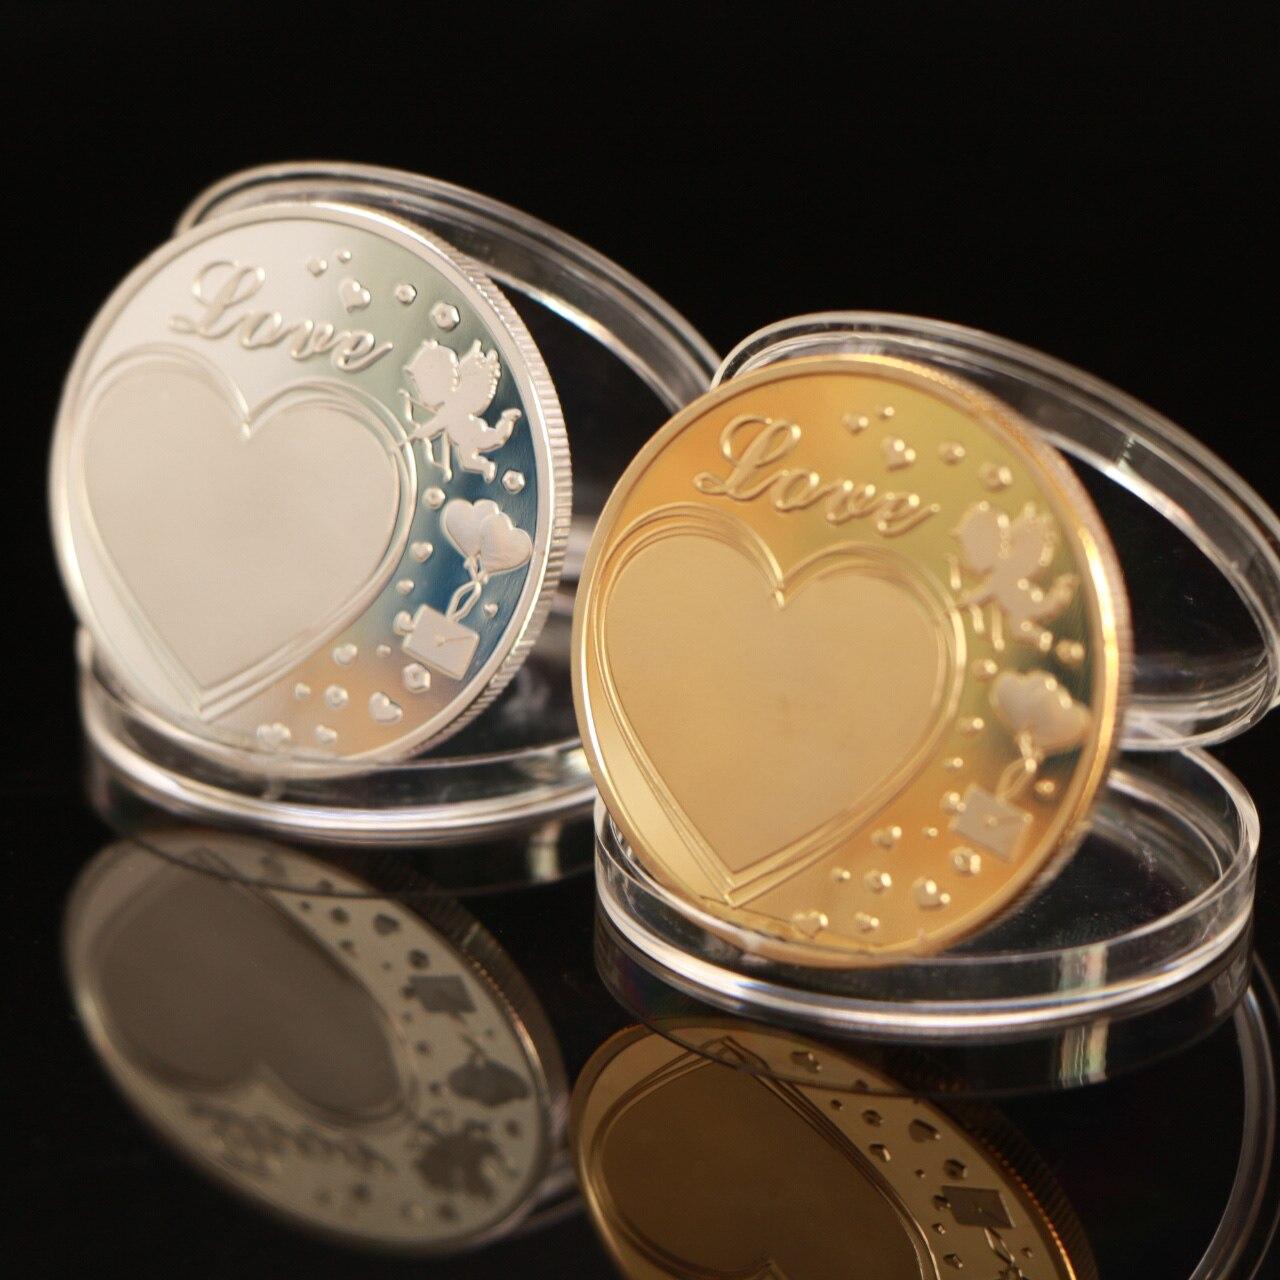 Новая памятная монета в форме сердца, цветок, любовь, коллекция монет, сувенир, серебро, золото, искусство, подарки, домашний декор